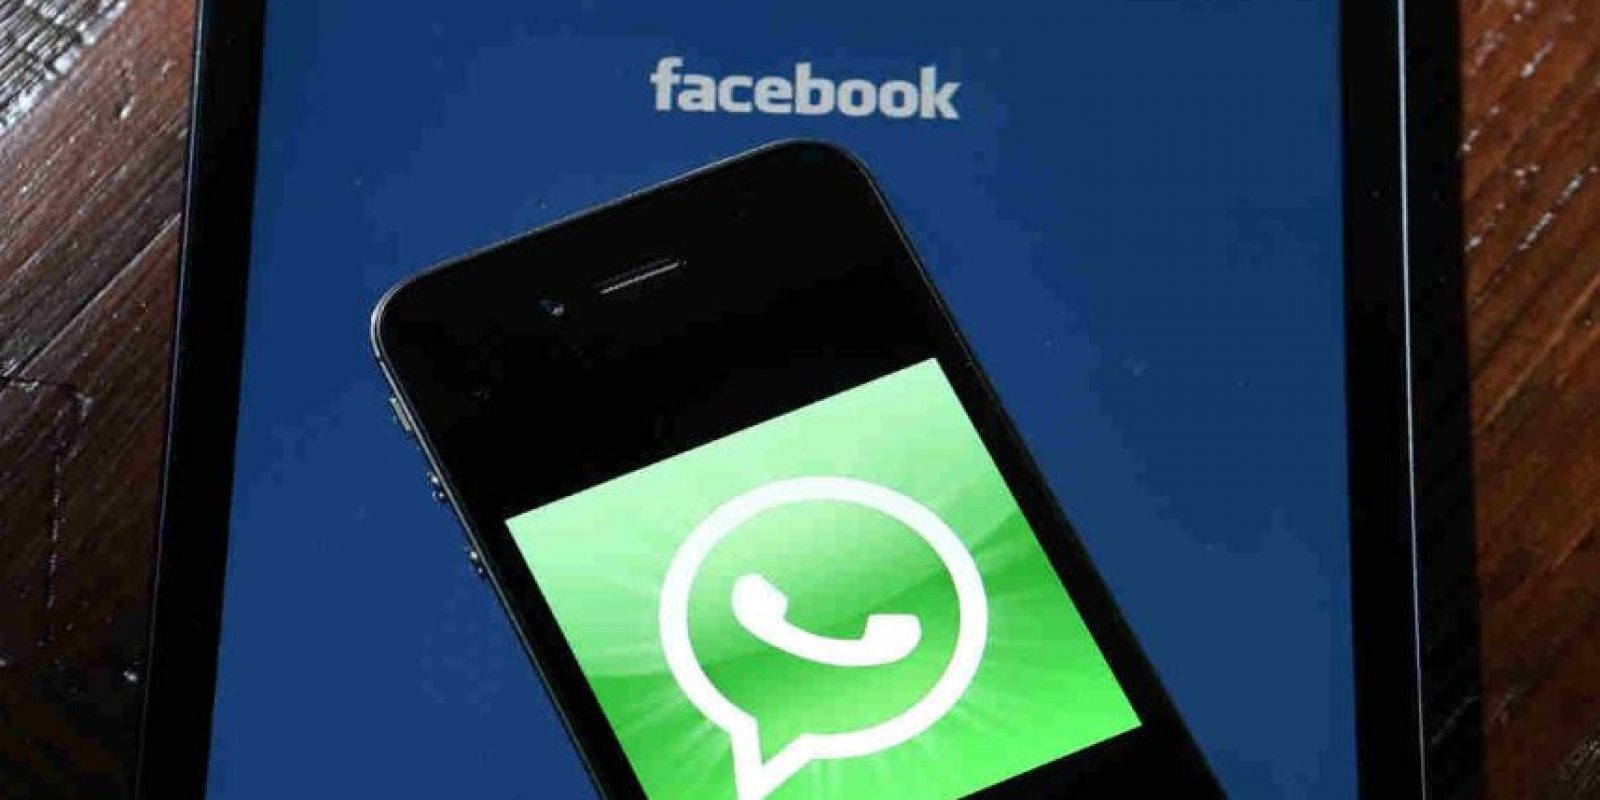 WhatsApp incorporó a su plataforma el servicio de encriptado end-to-end. Foto:Getty Images